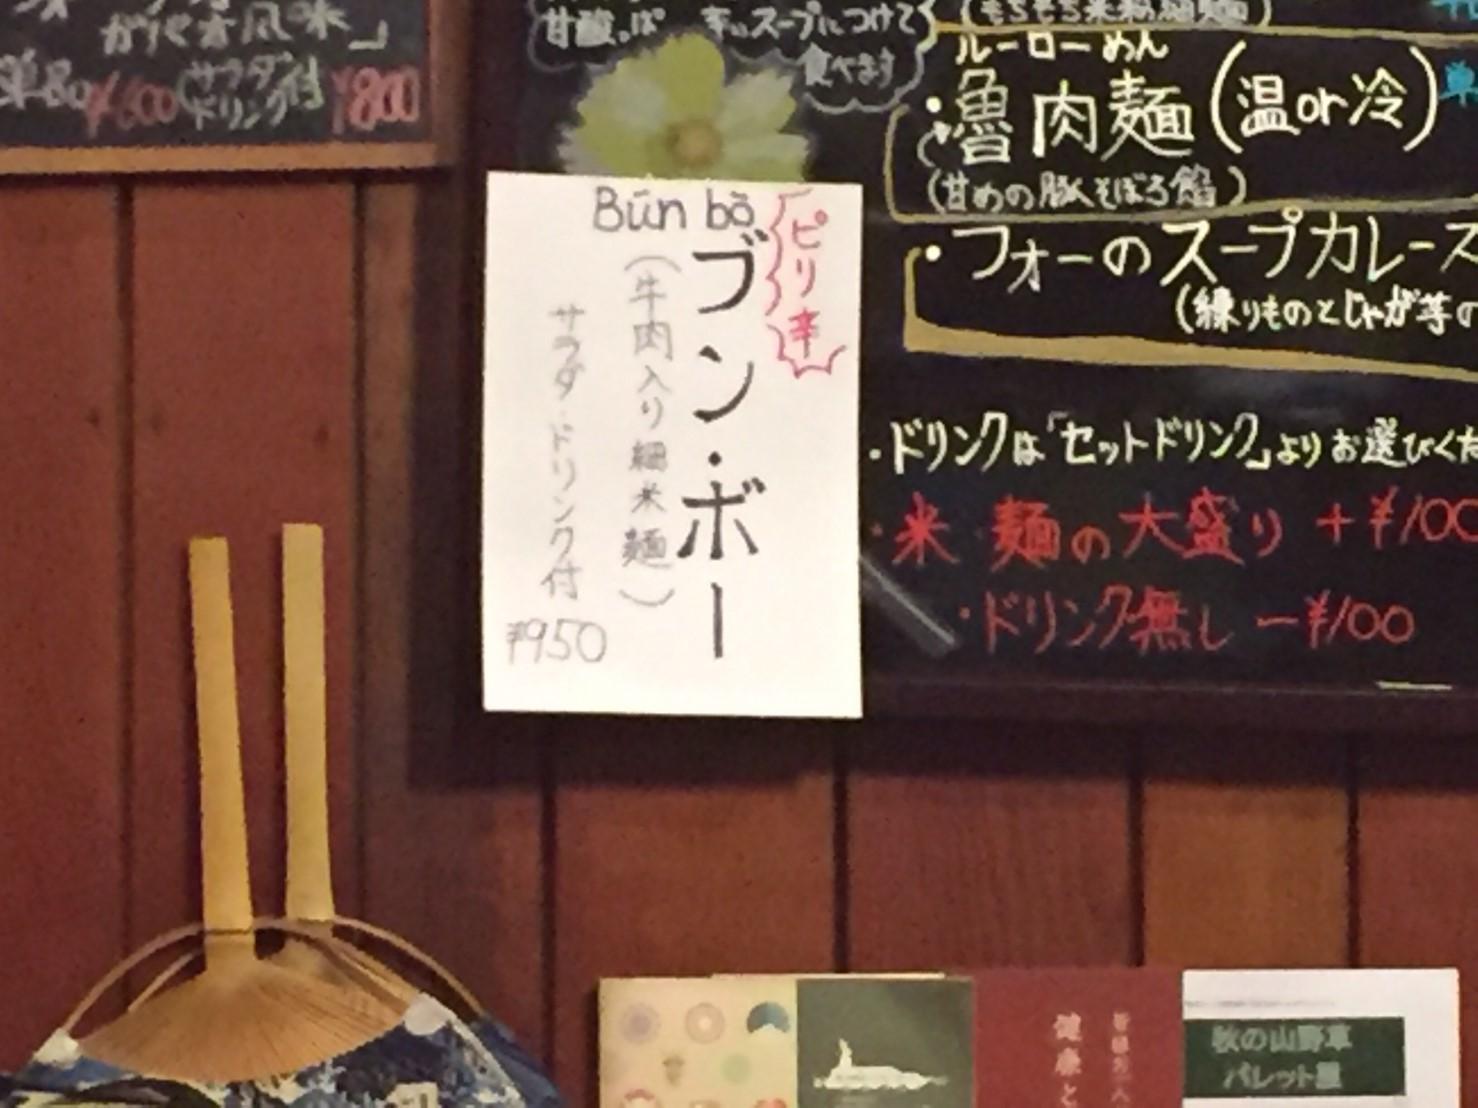 喫茶 1er ぷるみえ (シンプルバターライスに揚げカボチャと豚そぼろの和風あんかけ)_e0115904_20533344.jpg